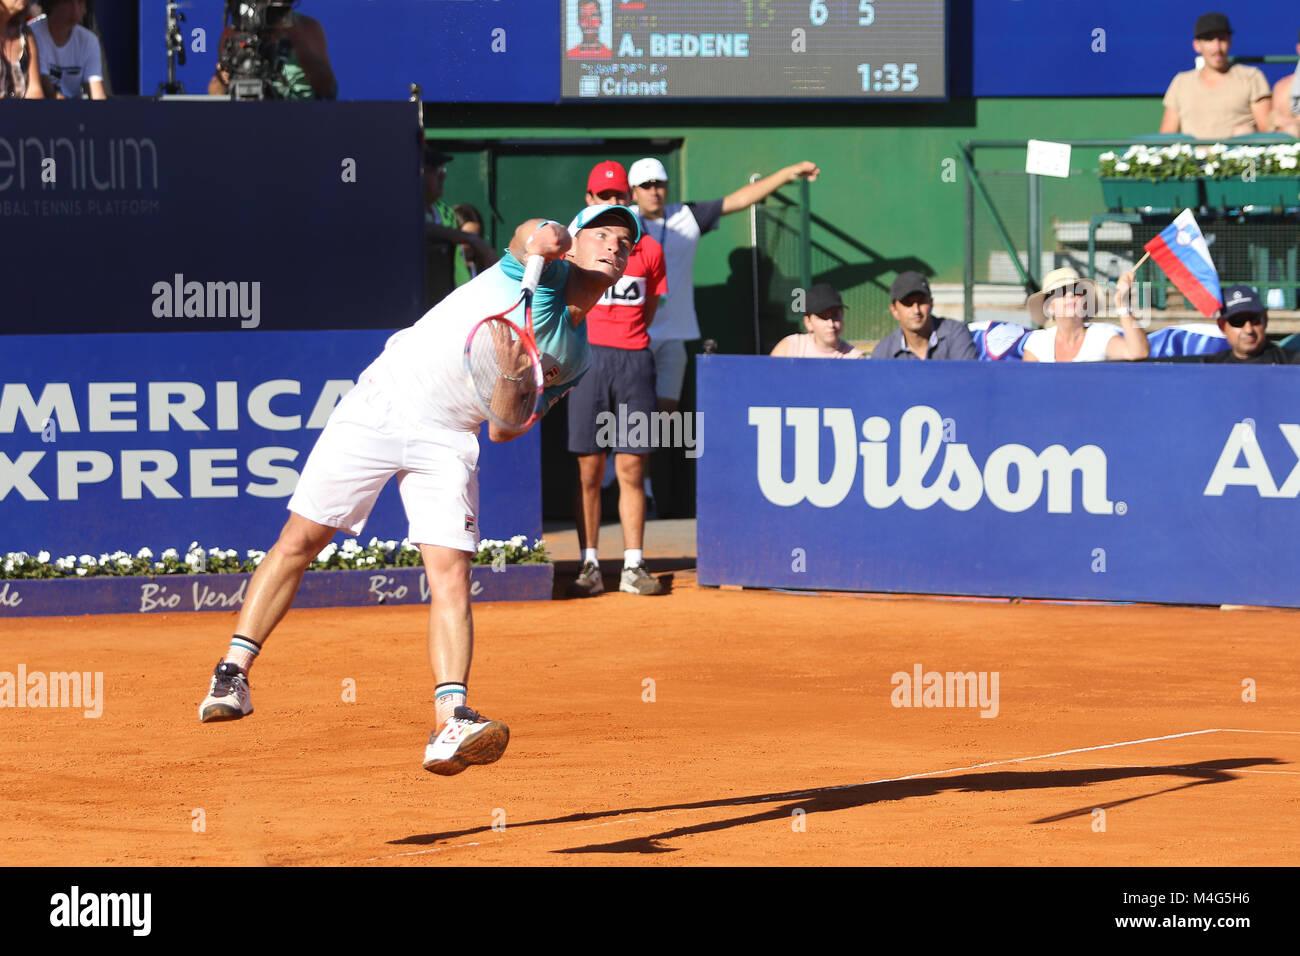 Bueos Aires, Argentina. 16 Feb, 2018. Diego Schwartzman durante los cuartos de final del ATP de Buenos Aires 250 este viernes en el juzgado central de Buenos Aires Lawn Tennis, Argentina. Crédito: Néstor J. Beremblum/Alamy Live News Foto de stock